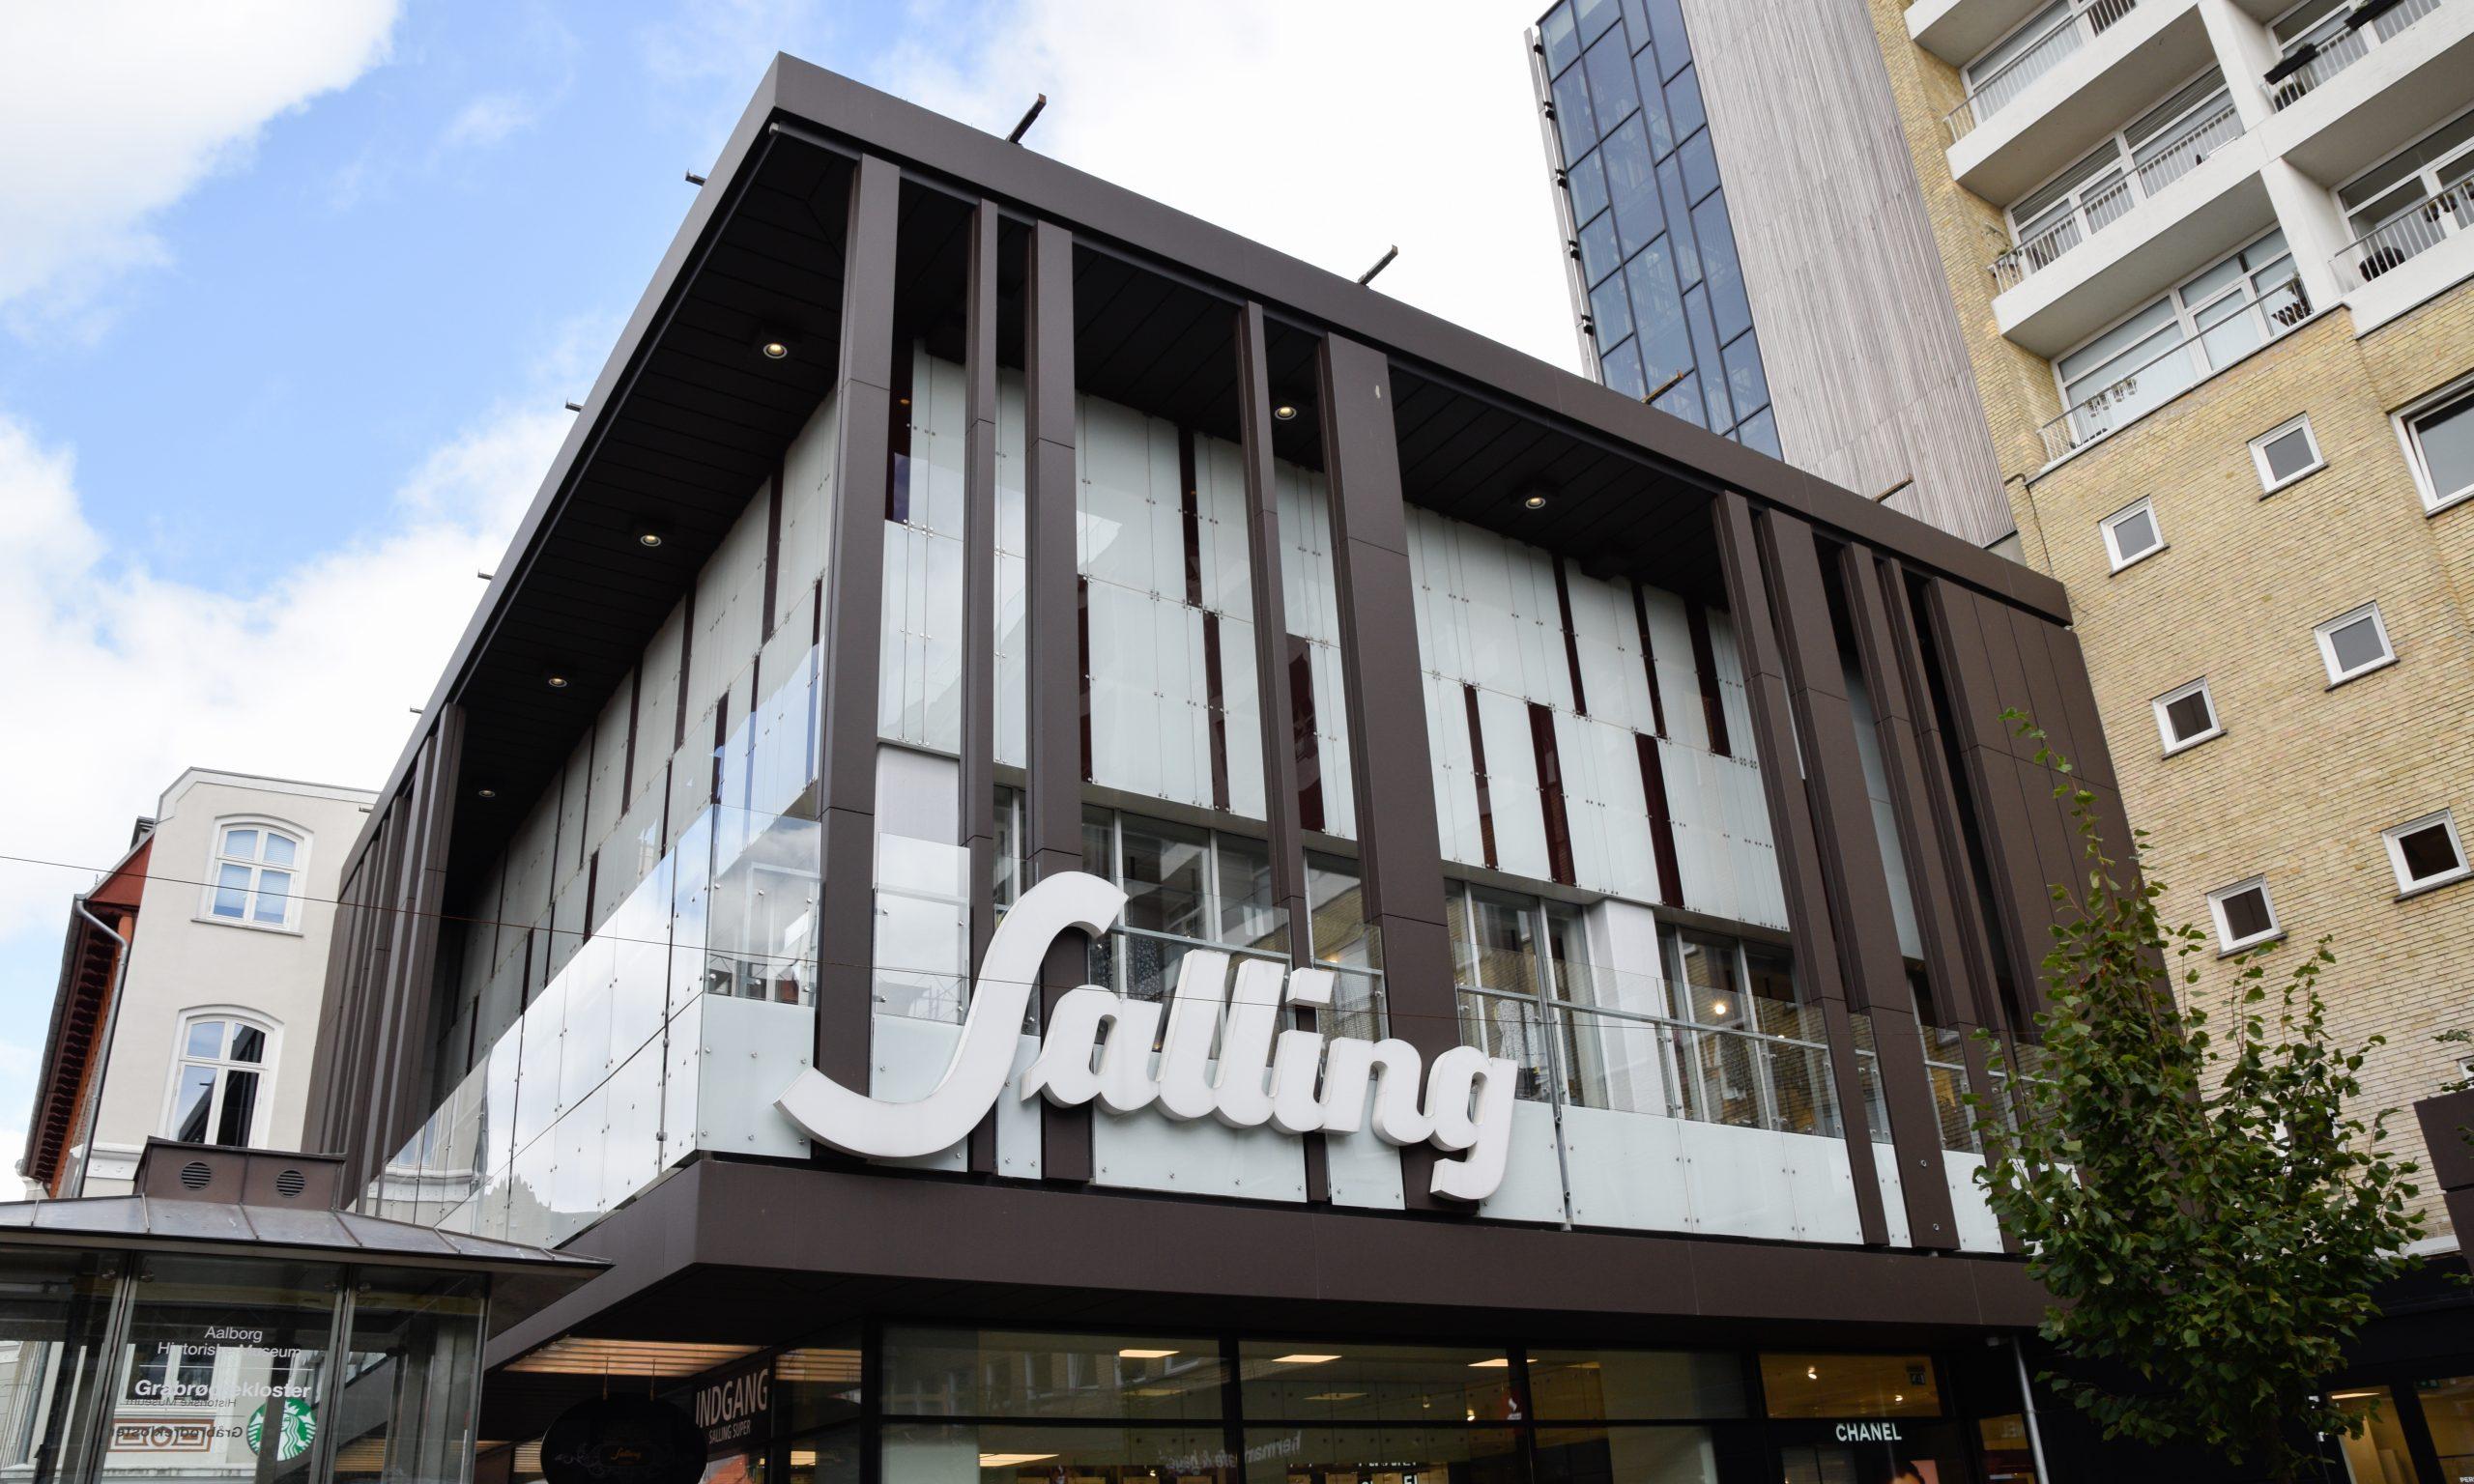 Åbner på onsdag: Salling klar med flere nyheder på shopping og ROOFTOP